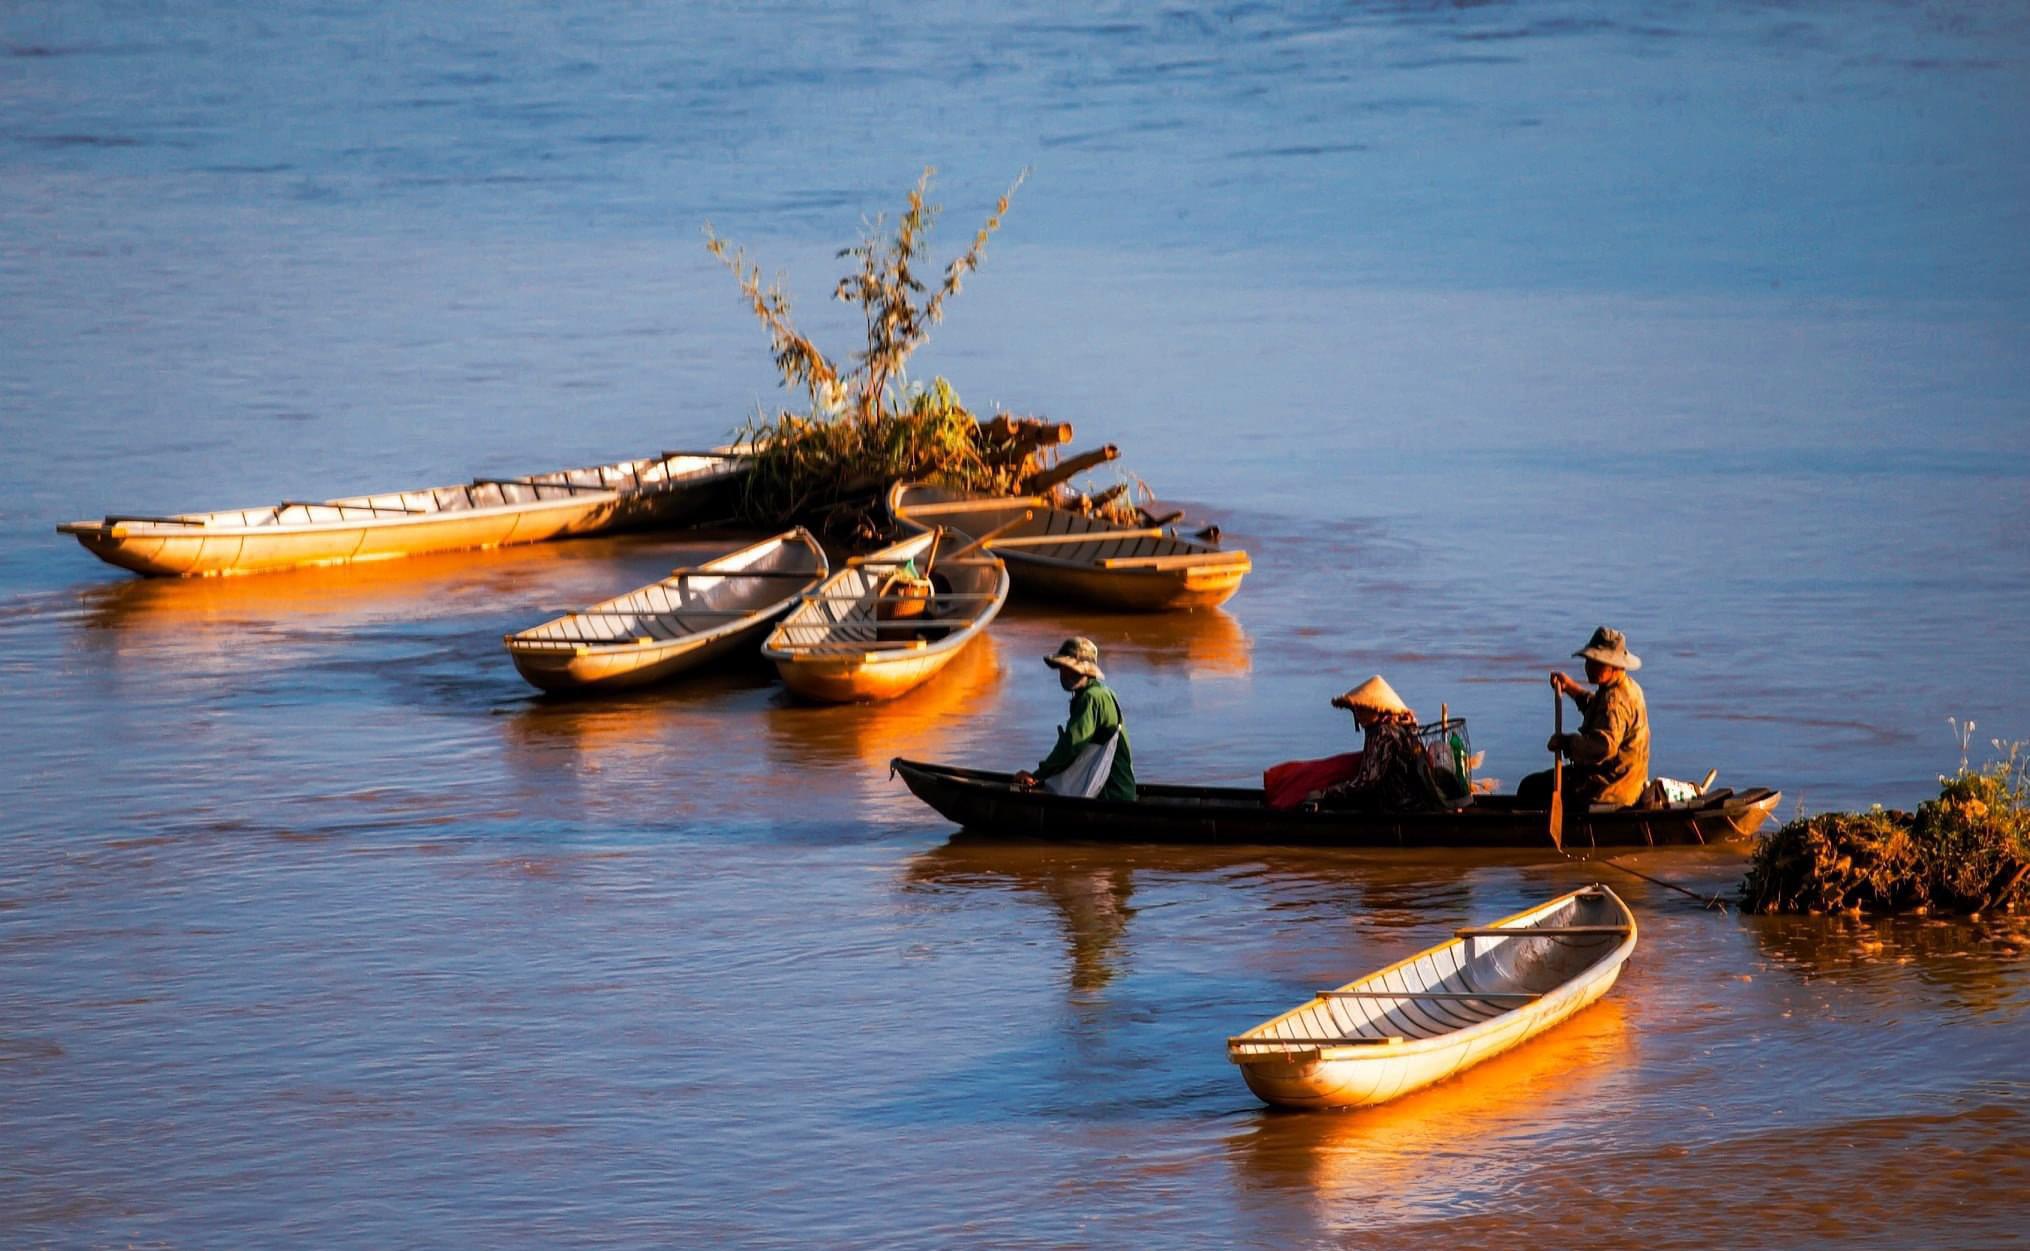 Thuyền độc mộc trên dòng sông Đăk Bla – nét văn hóa truyền thống lâu đời của người dân tộc thiểu số nơi đây